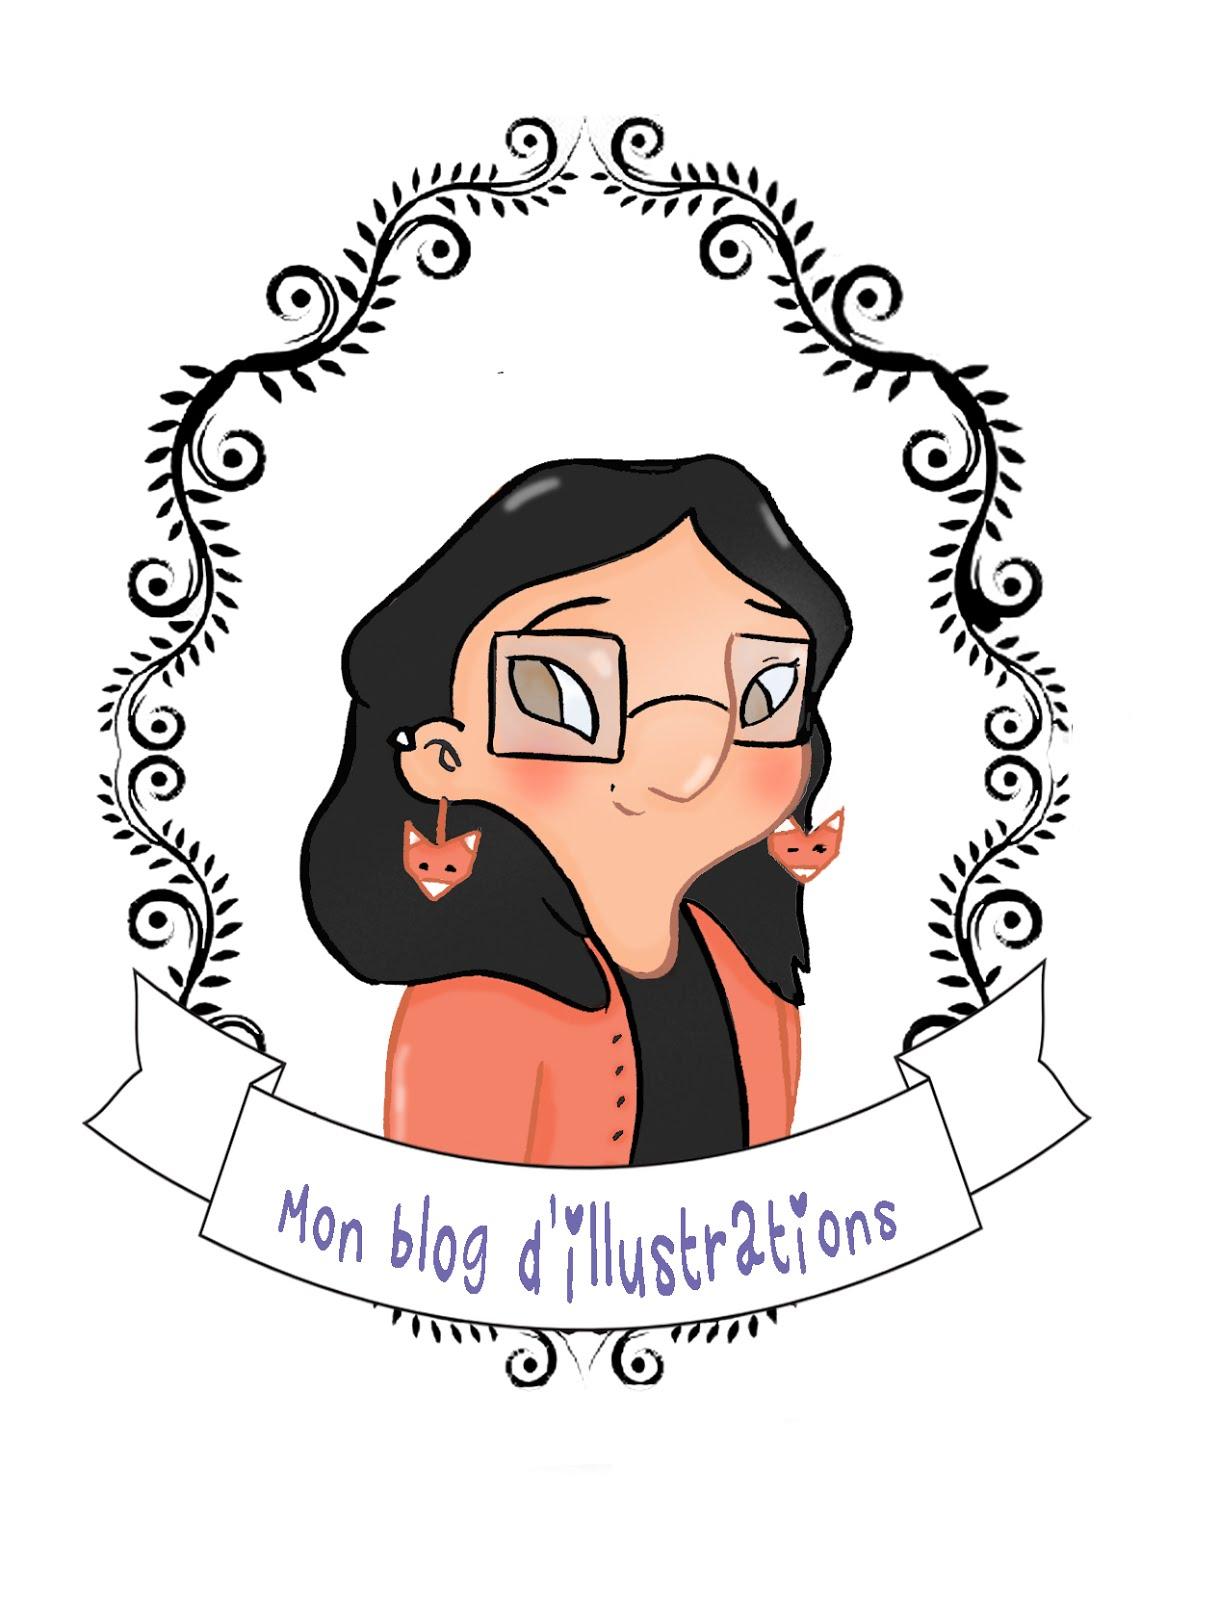 Mon blog stuartie-illustrations